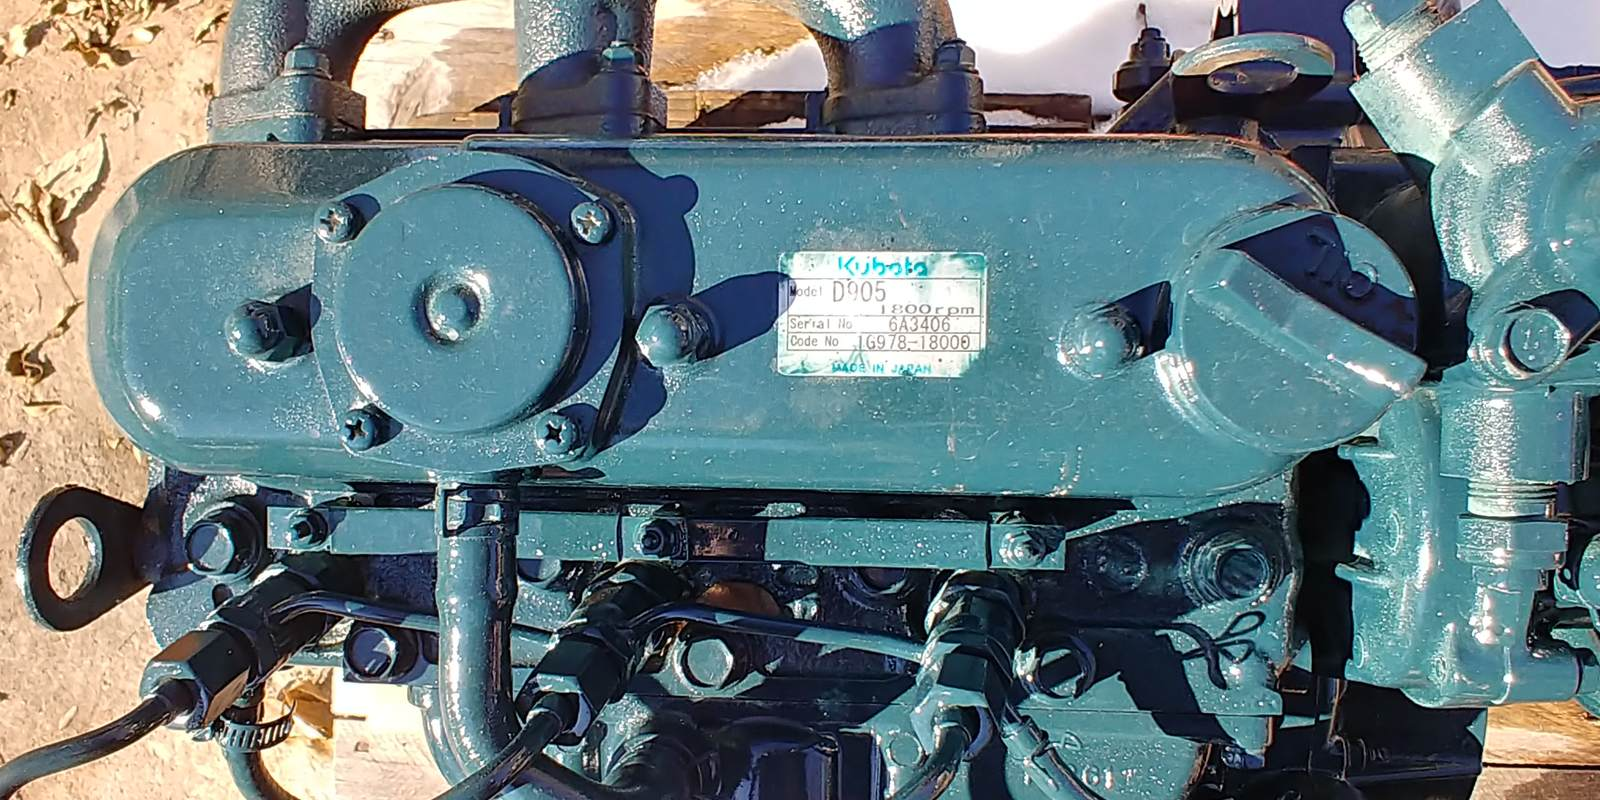 Kubota D905 - Diesel - Complete Engine - Used